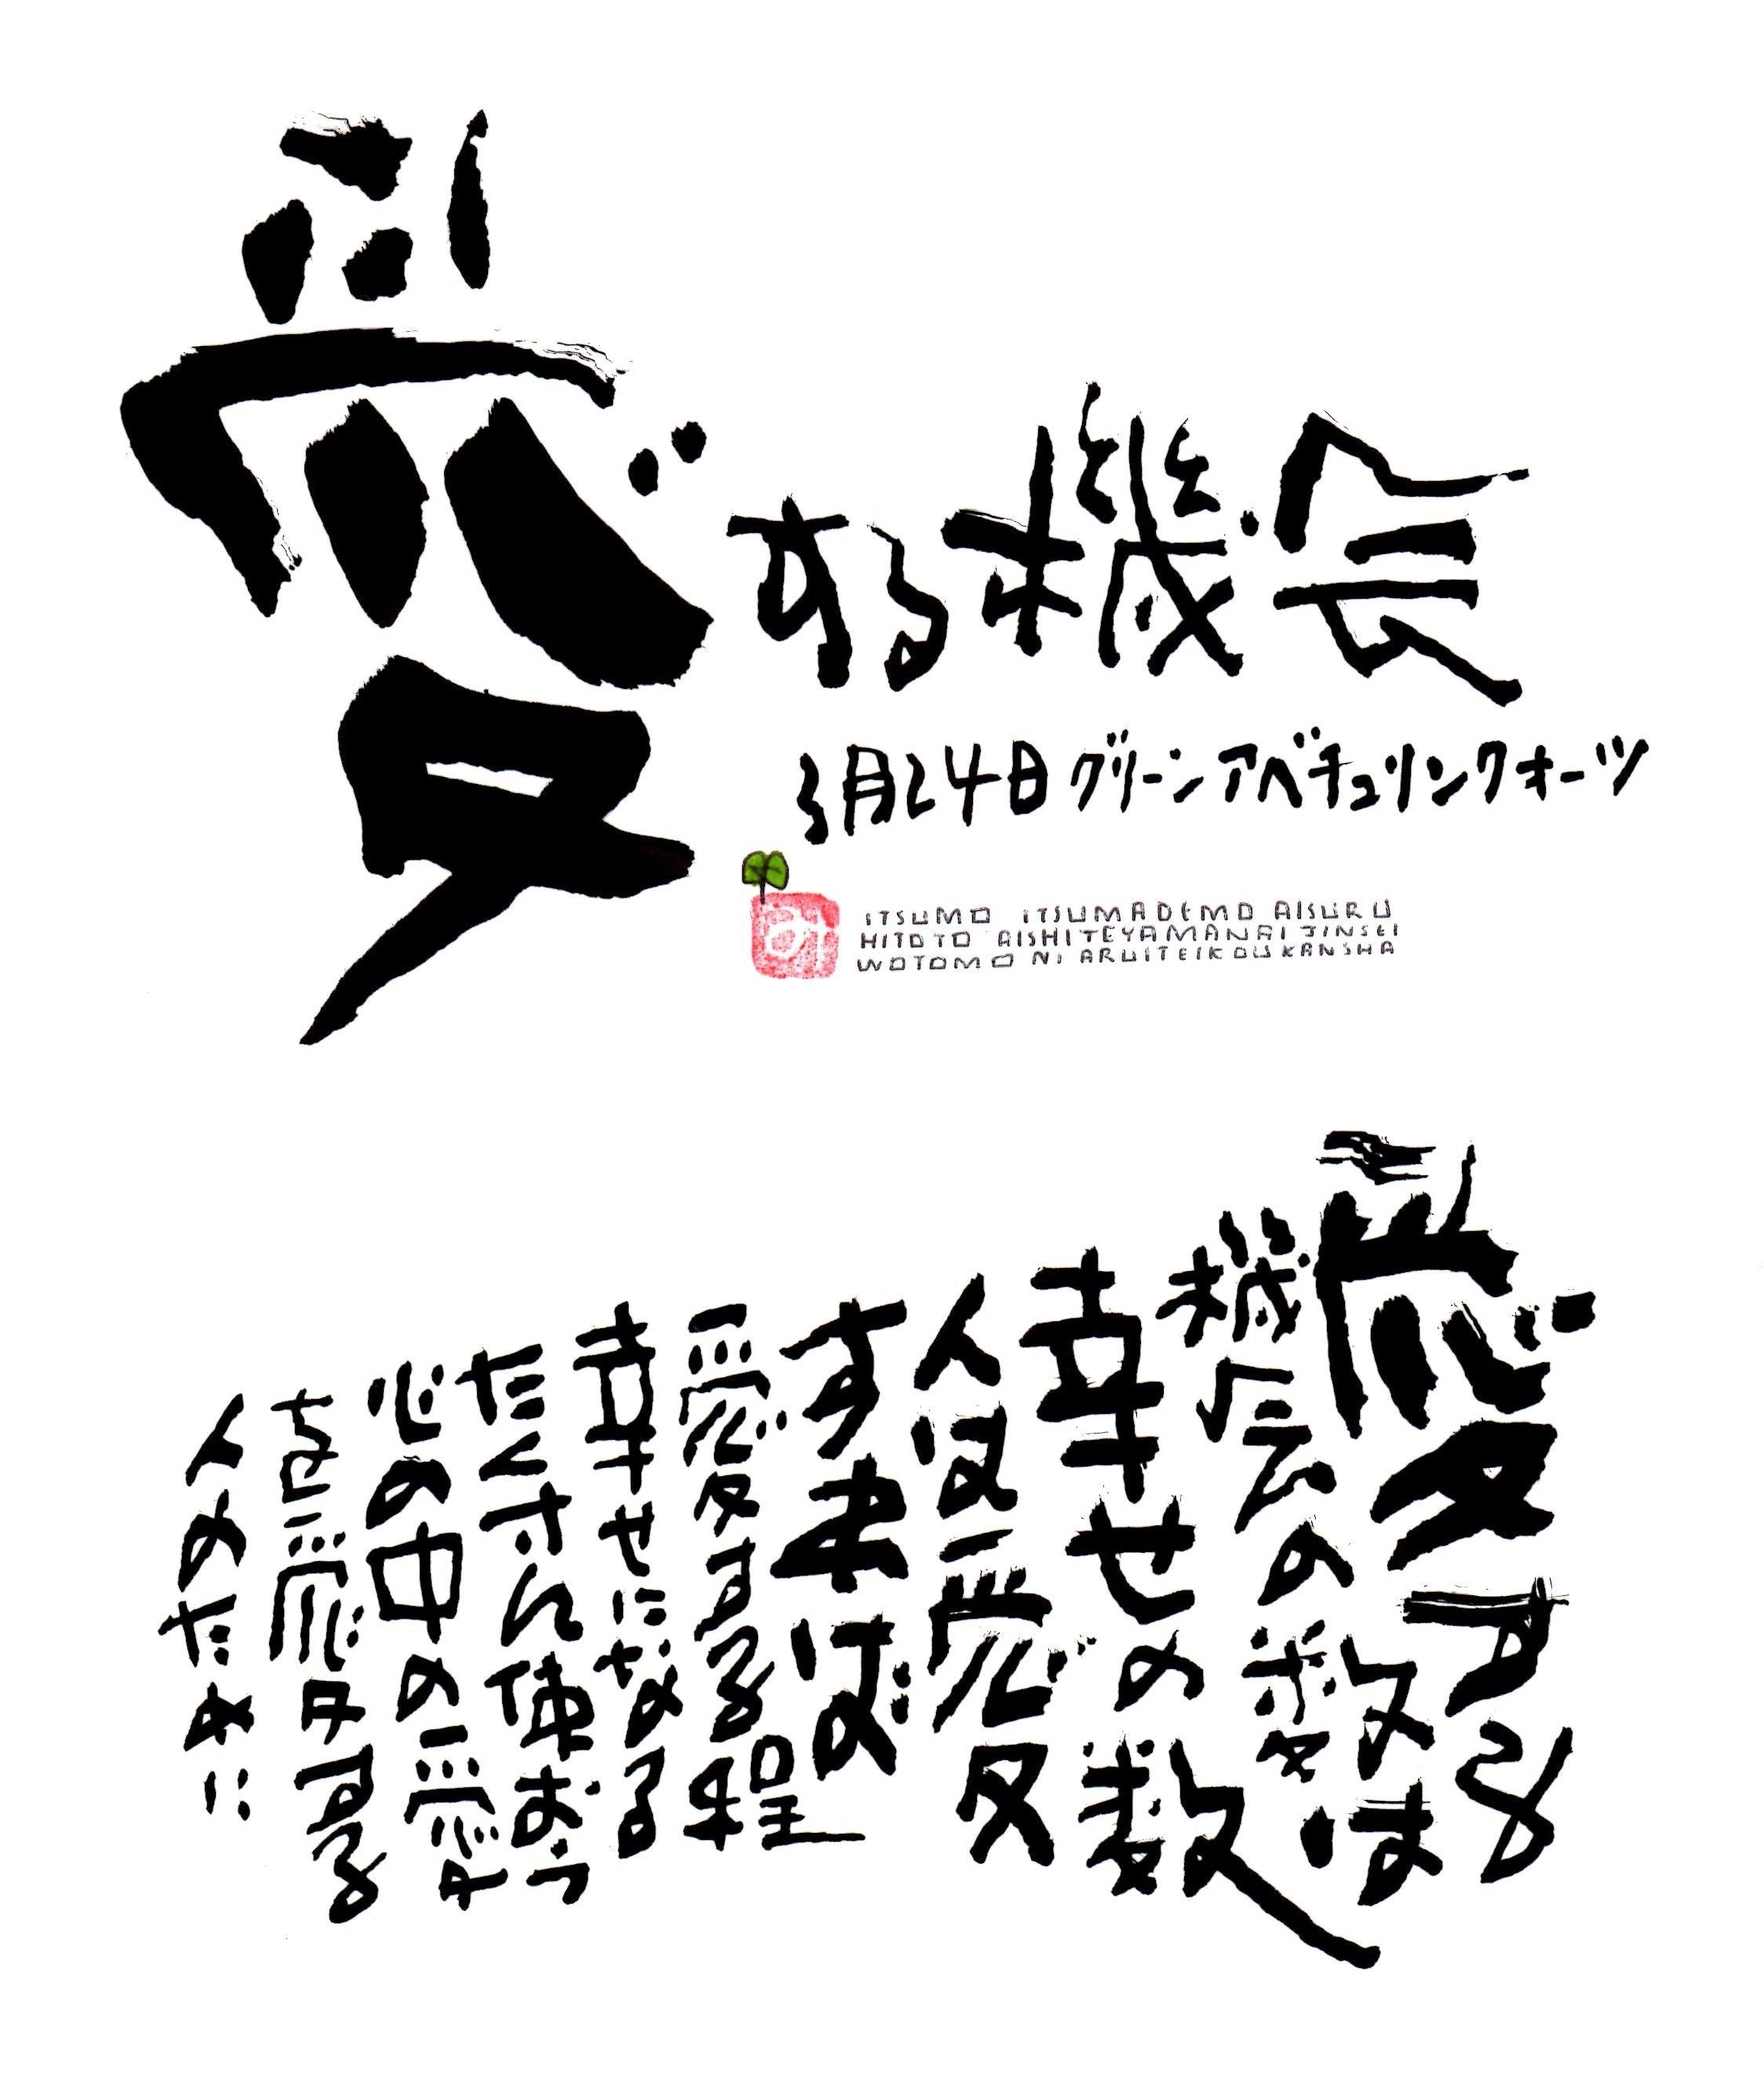 3月24日 結婚記念日ポストカード【愛する機会】